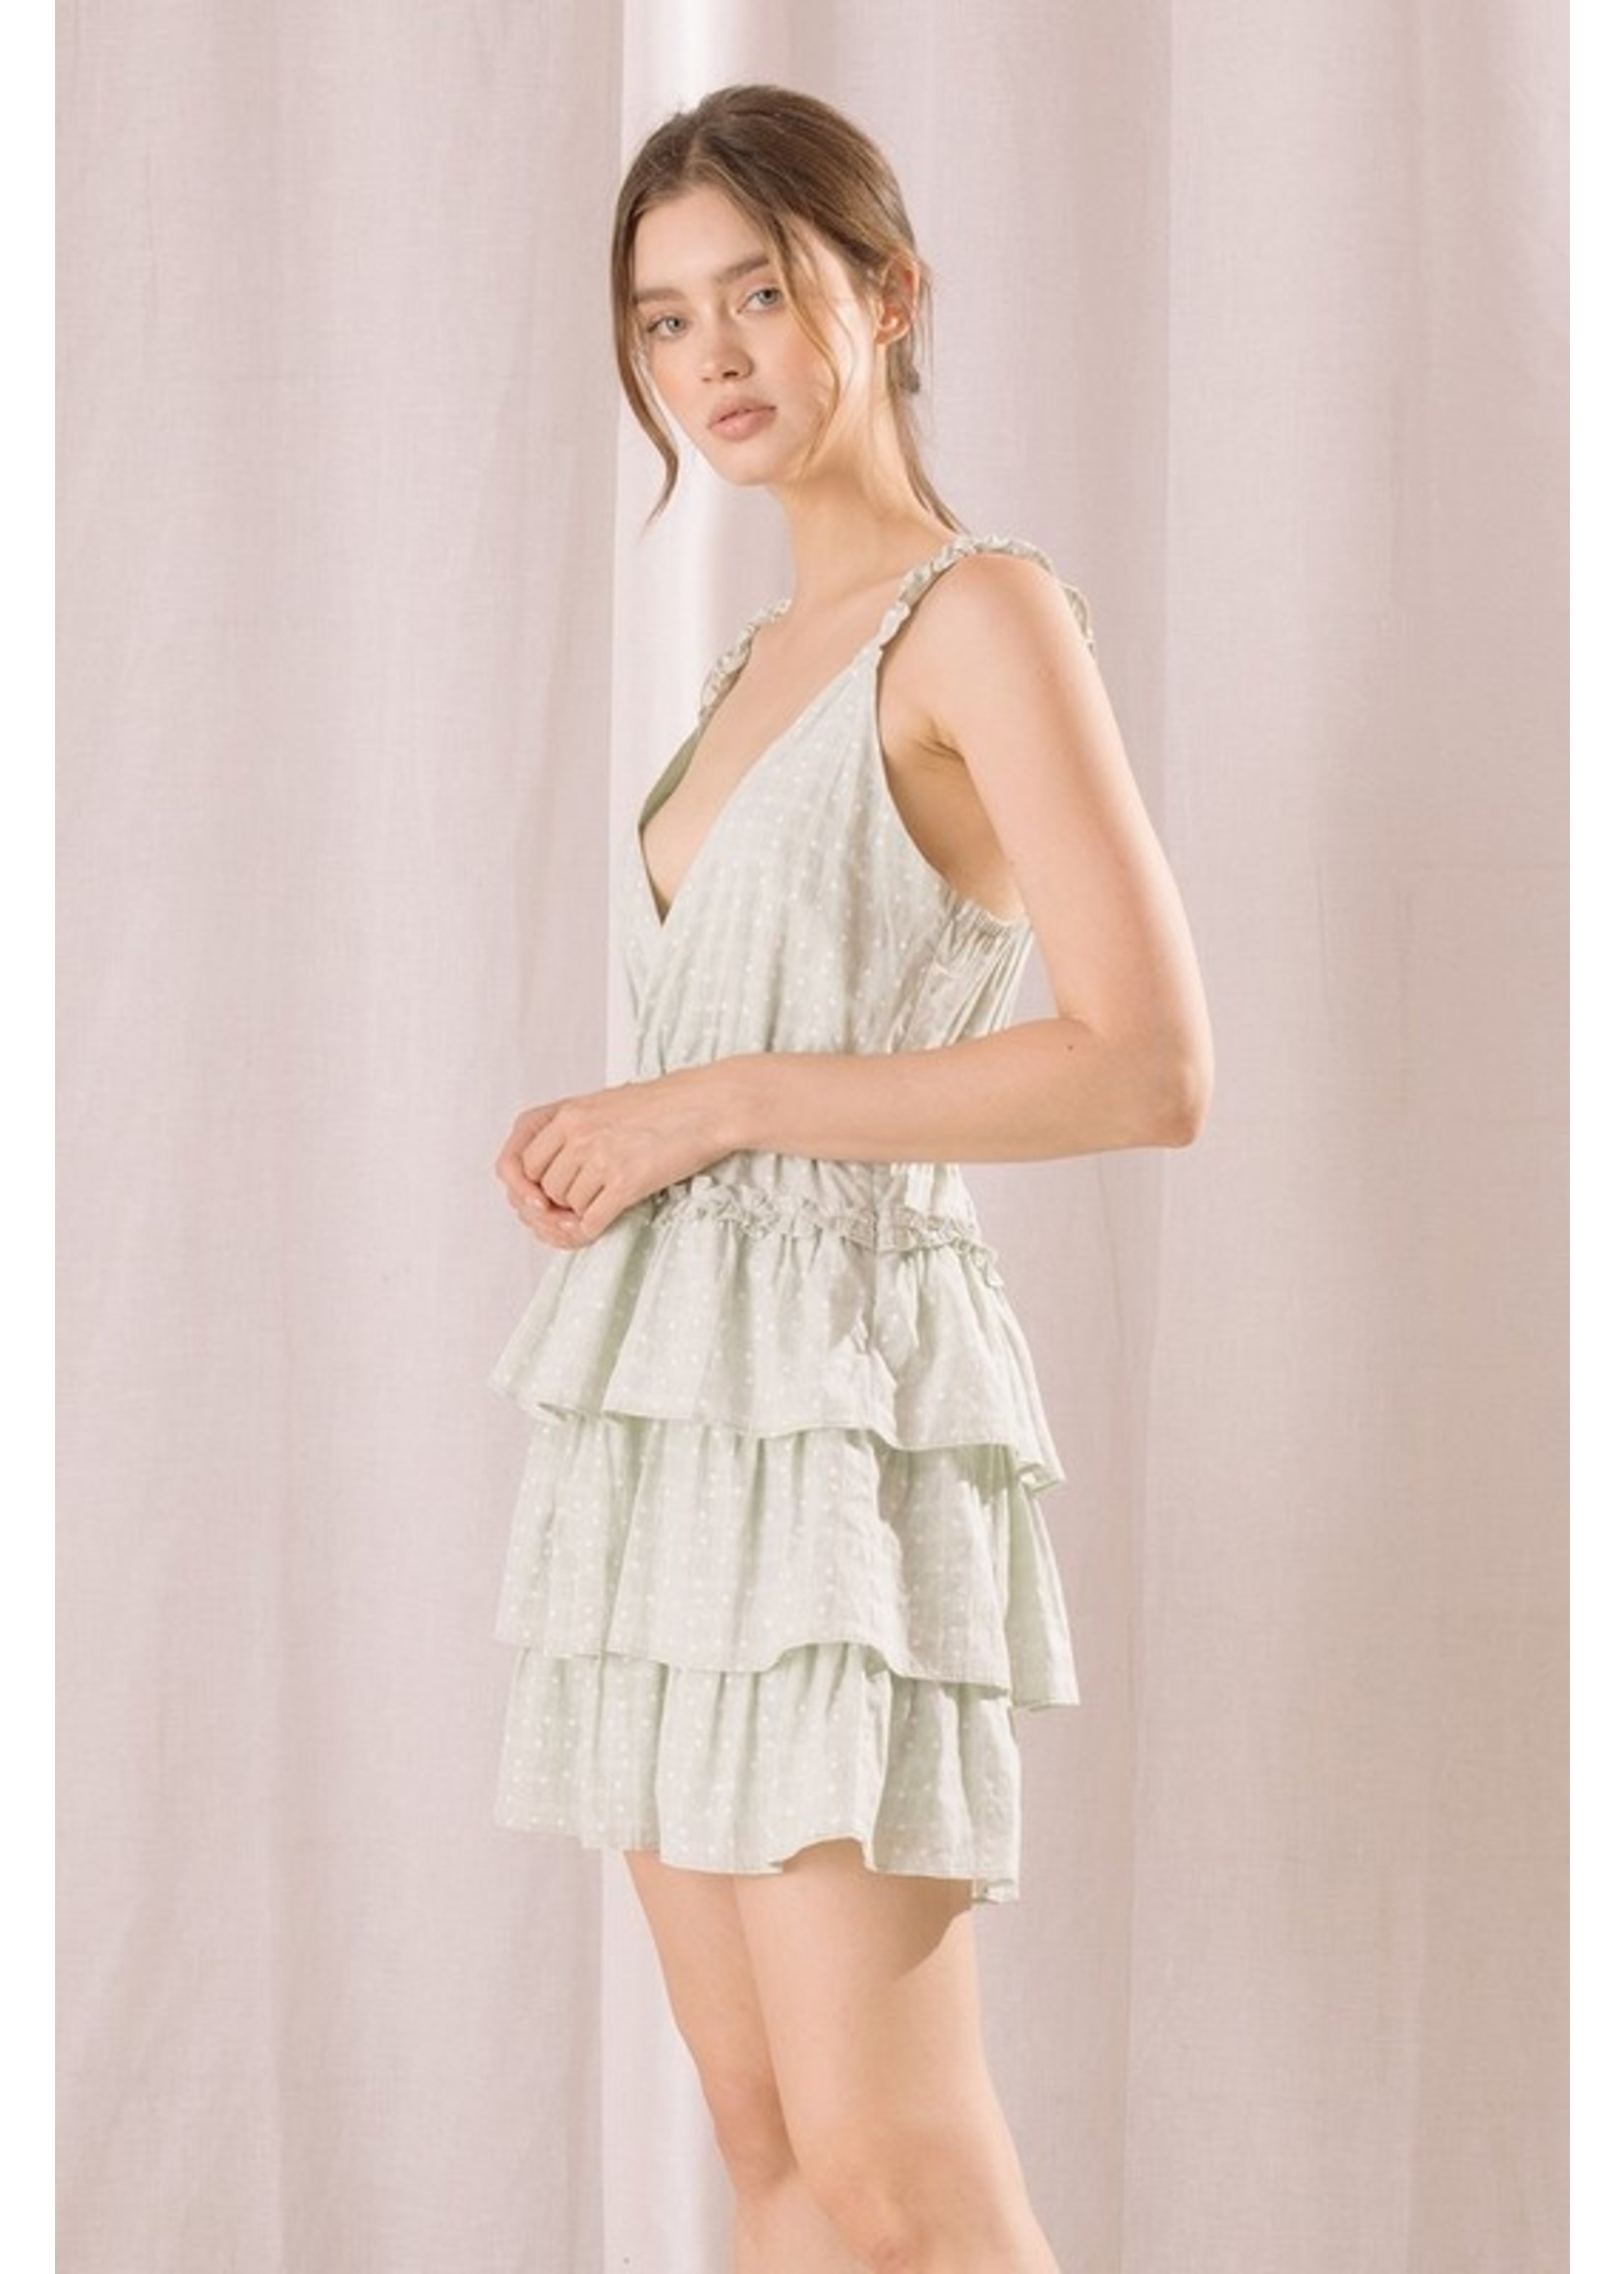 Storia Plaid Star Print Ruffled Mini Dress - JD3273